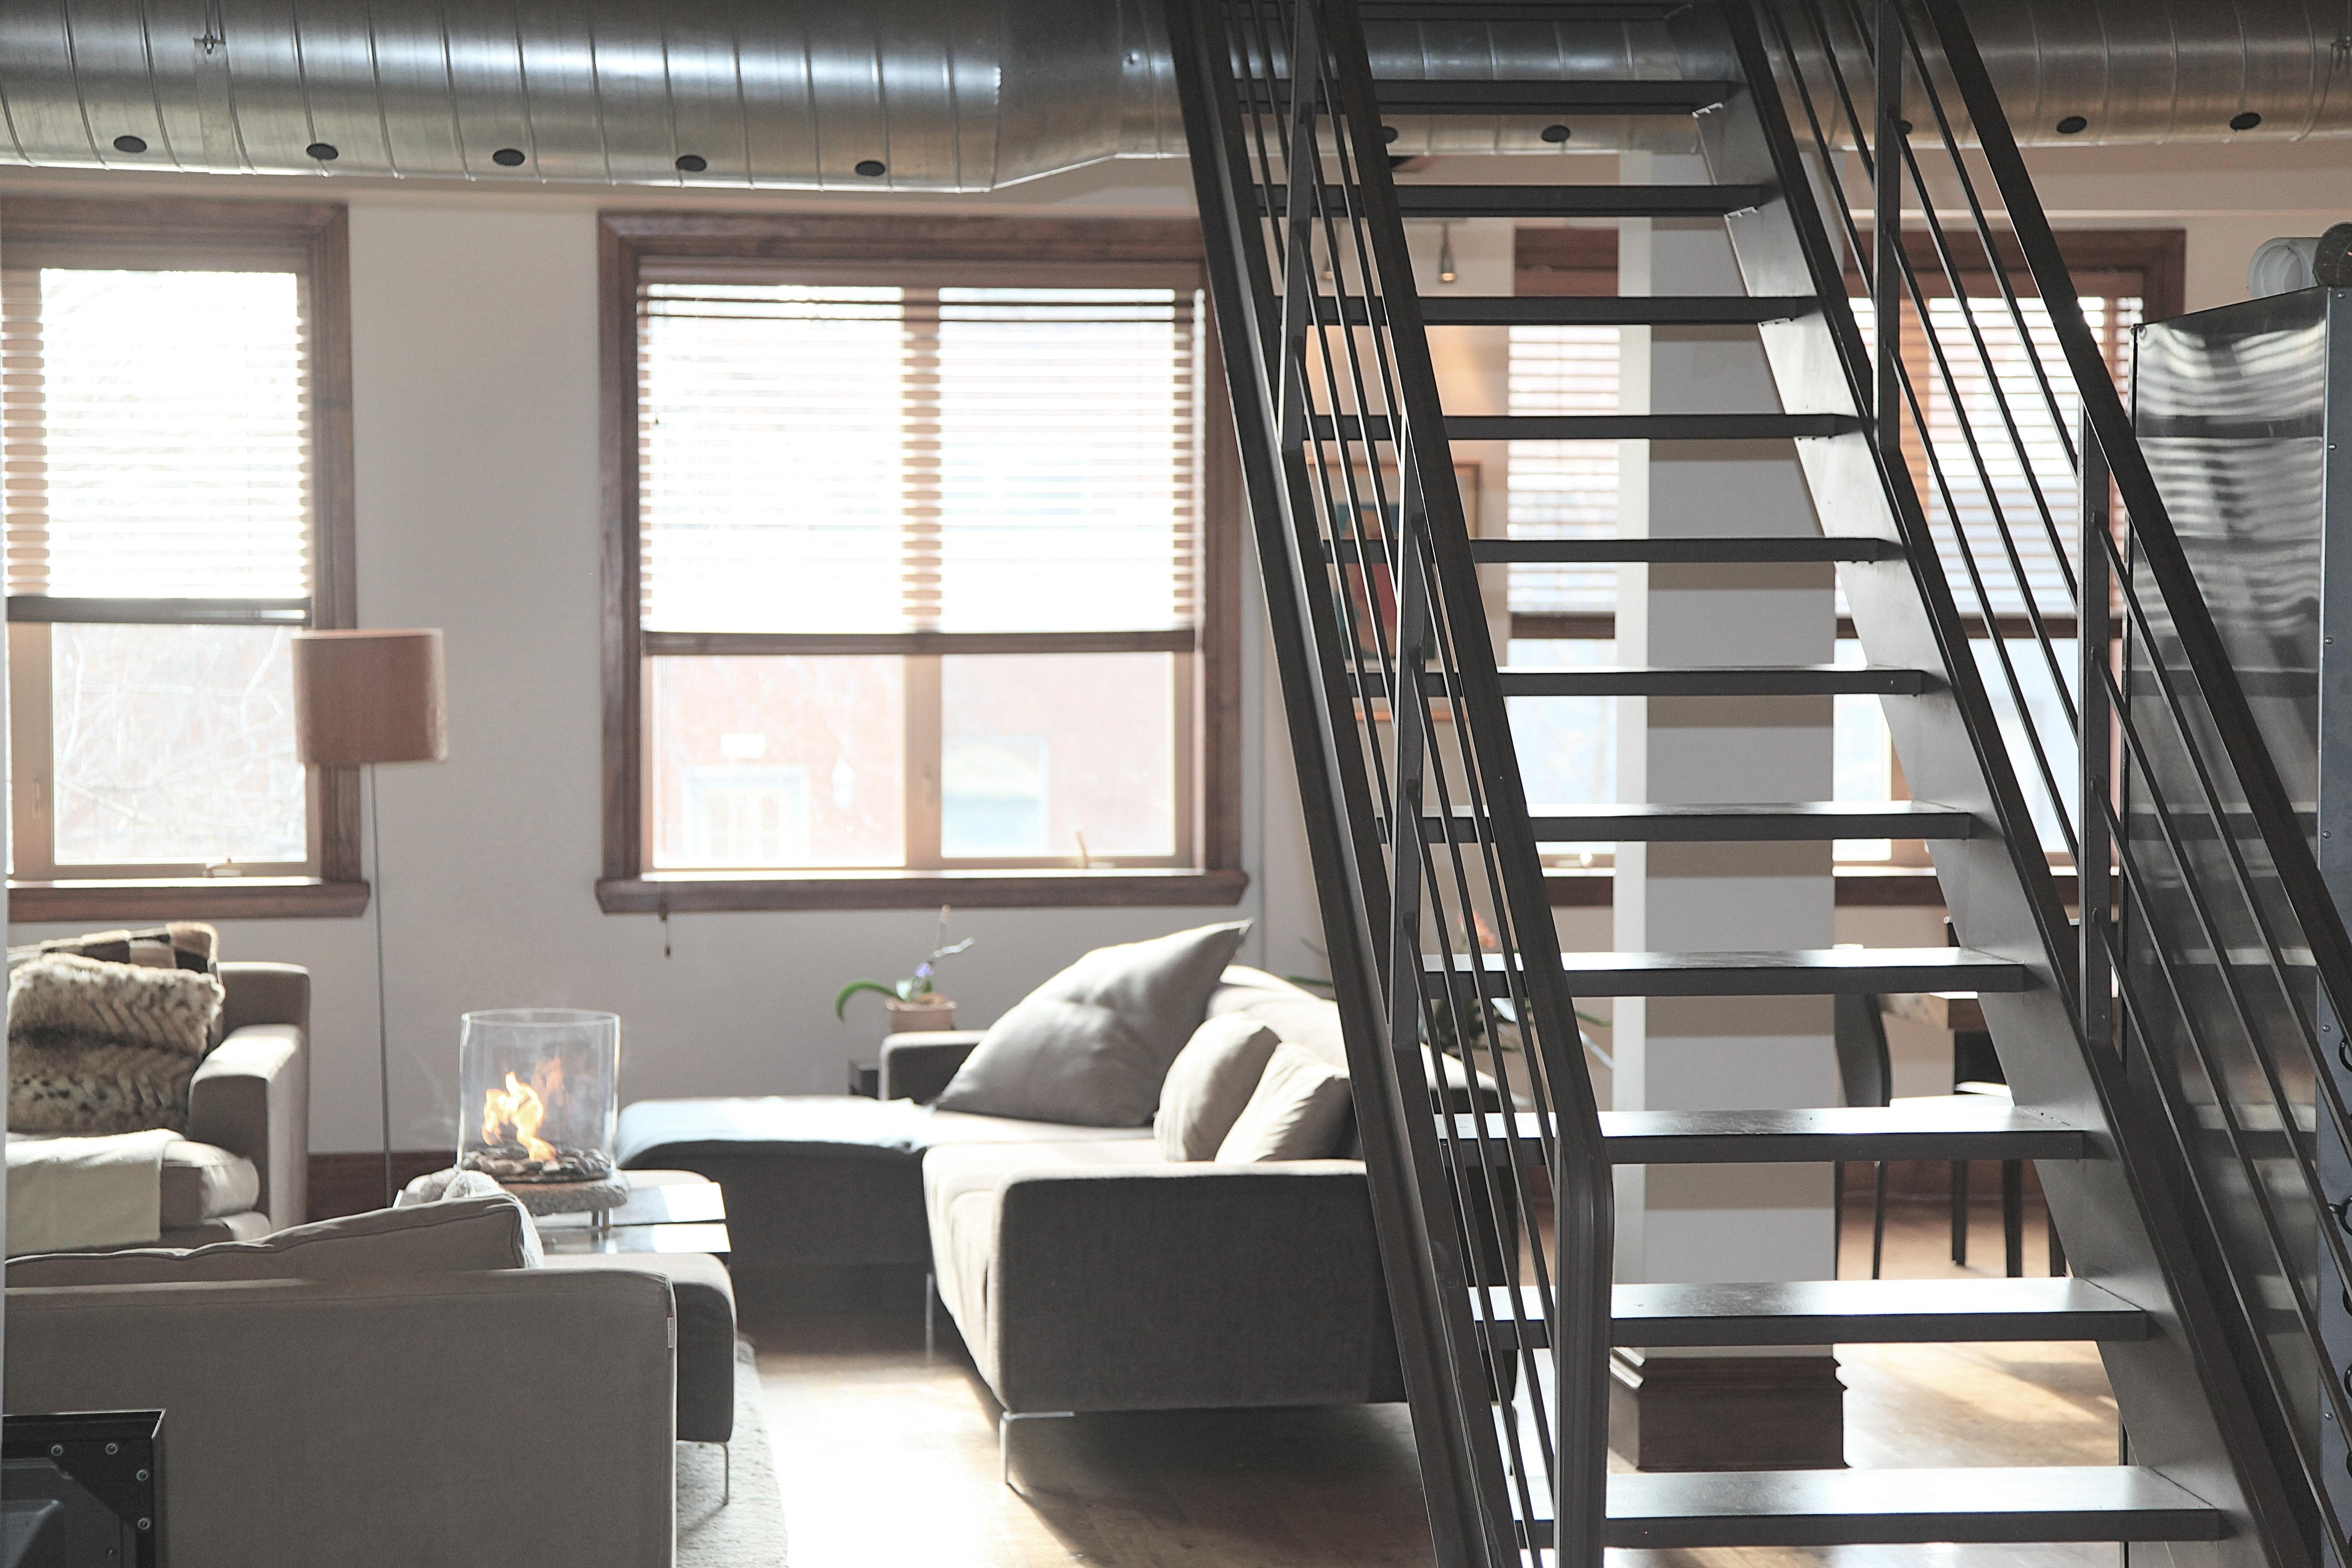 Spieki kwarcowe Laminam, Kerlite - Blaty kwarcowe na schody podwieszane